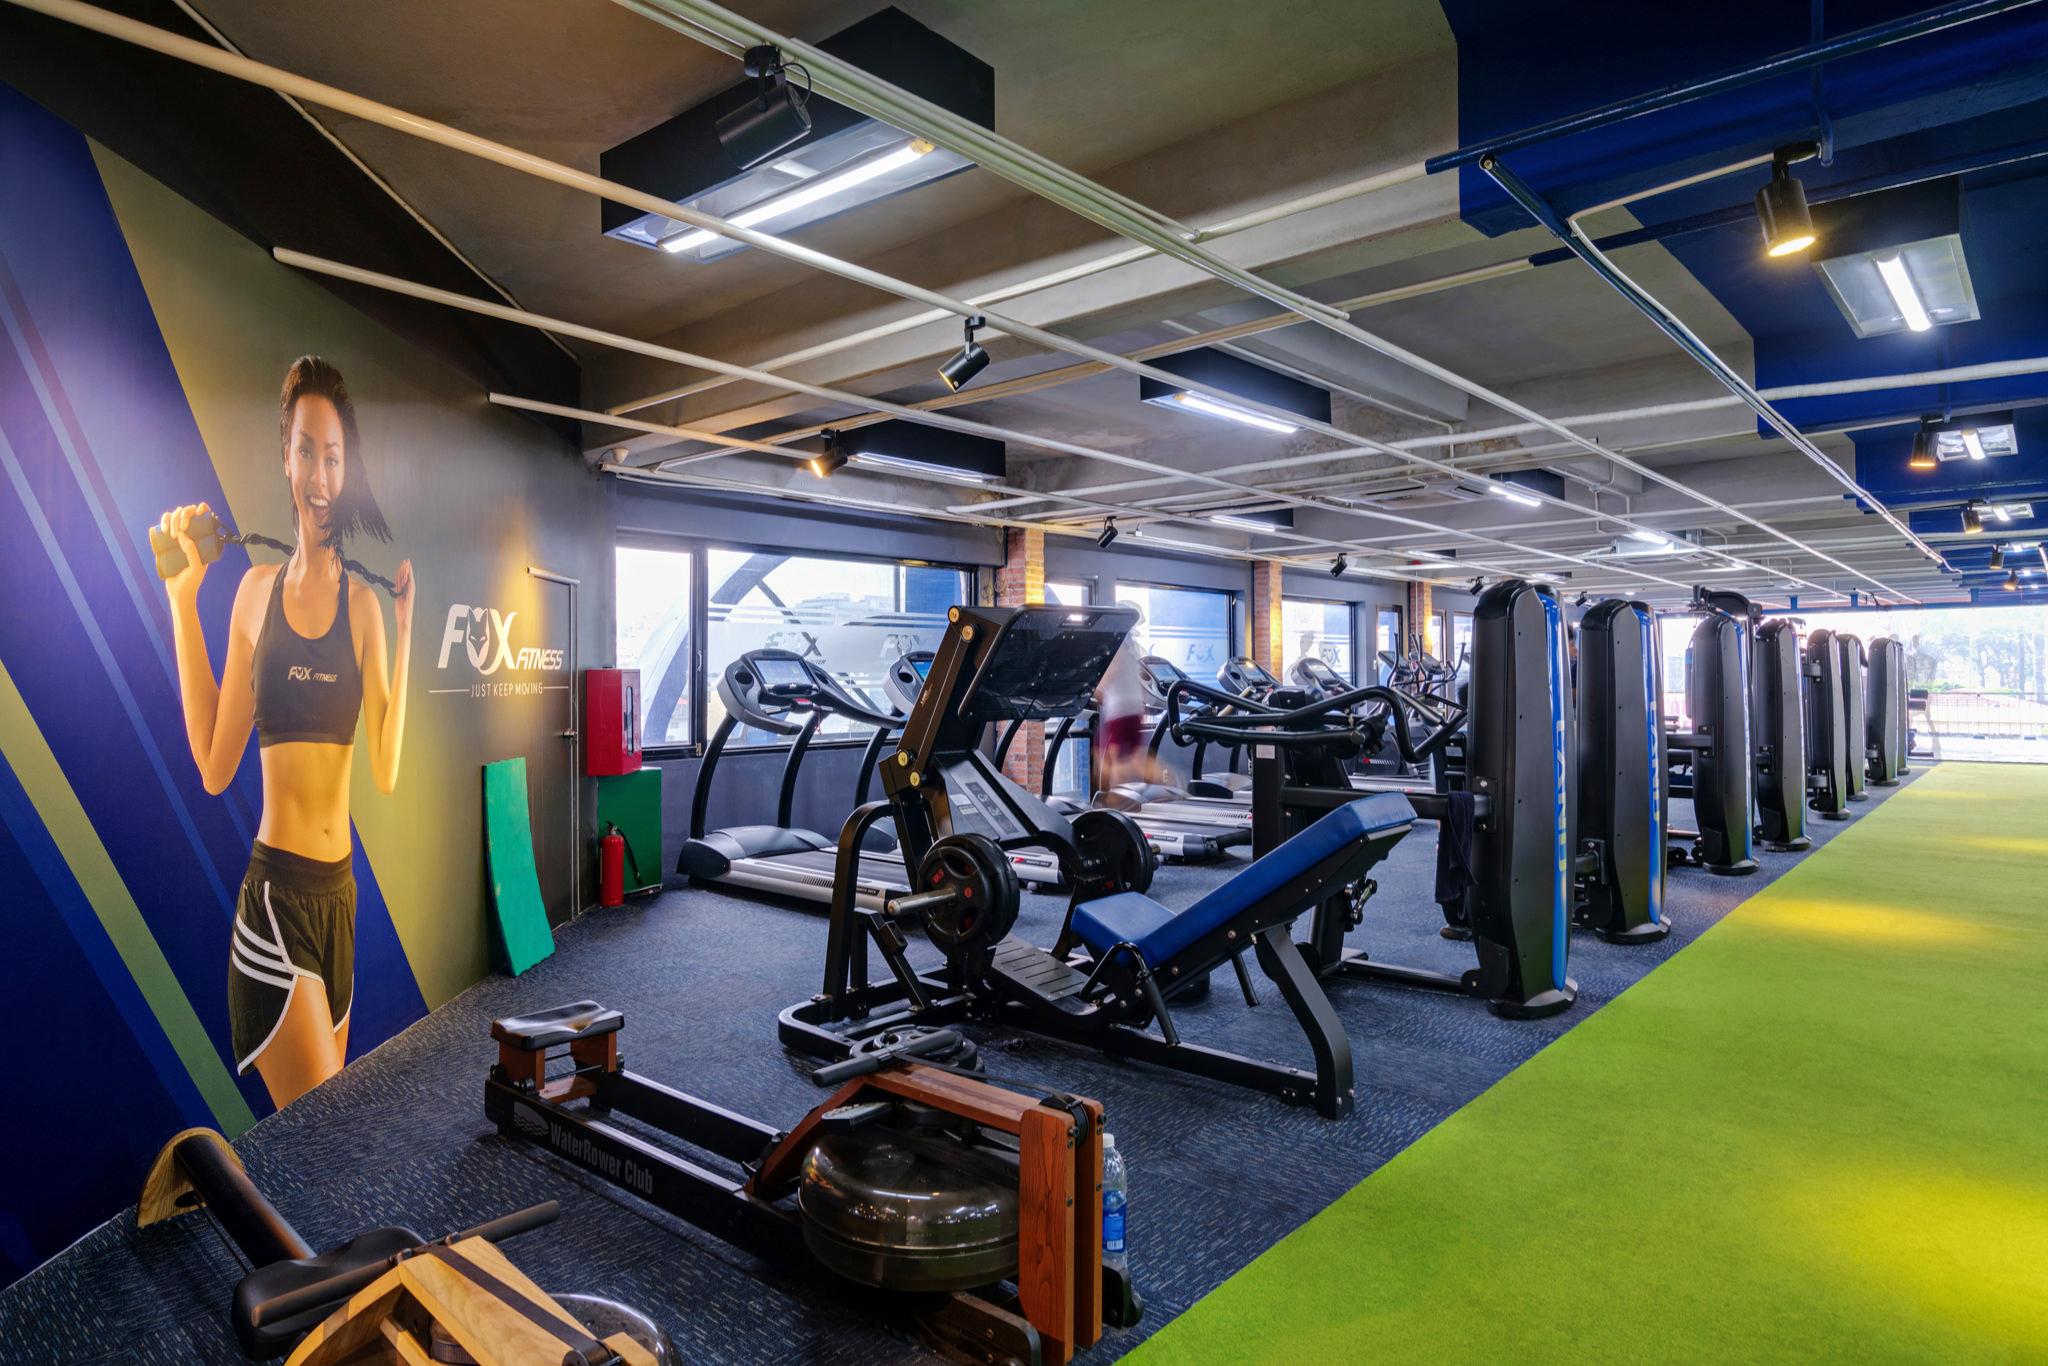 20180504 - Fox fitness - Interior - 06.jpg